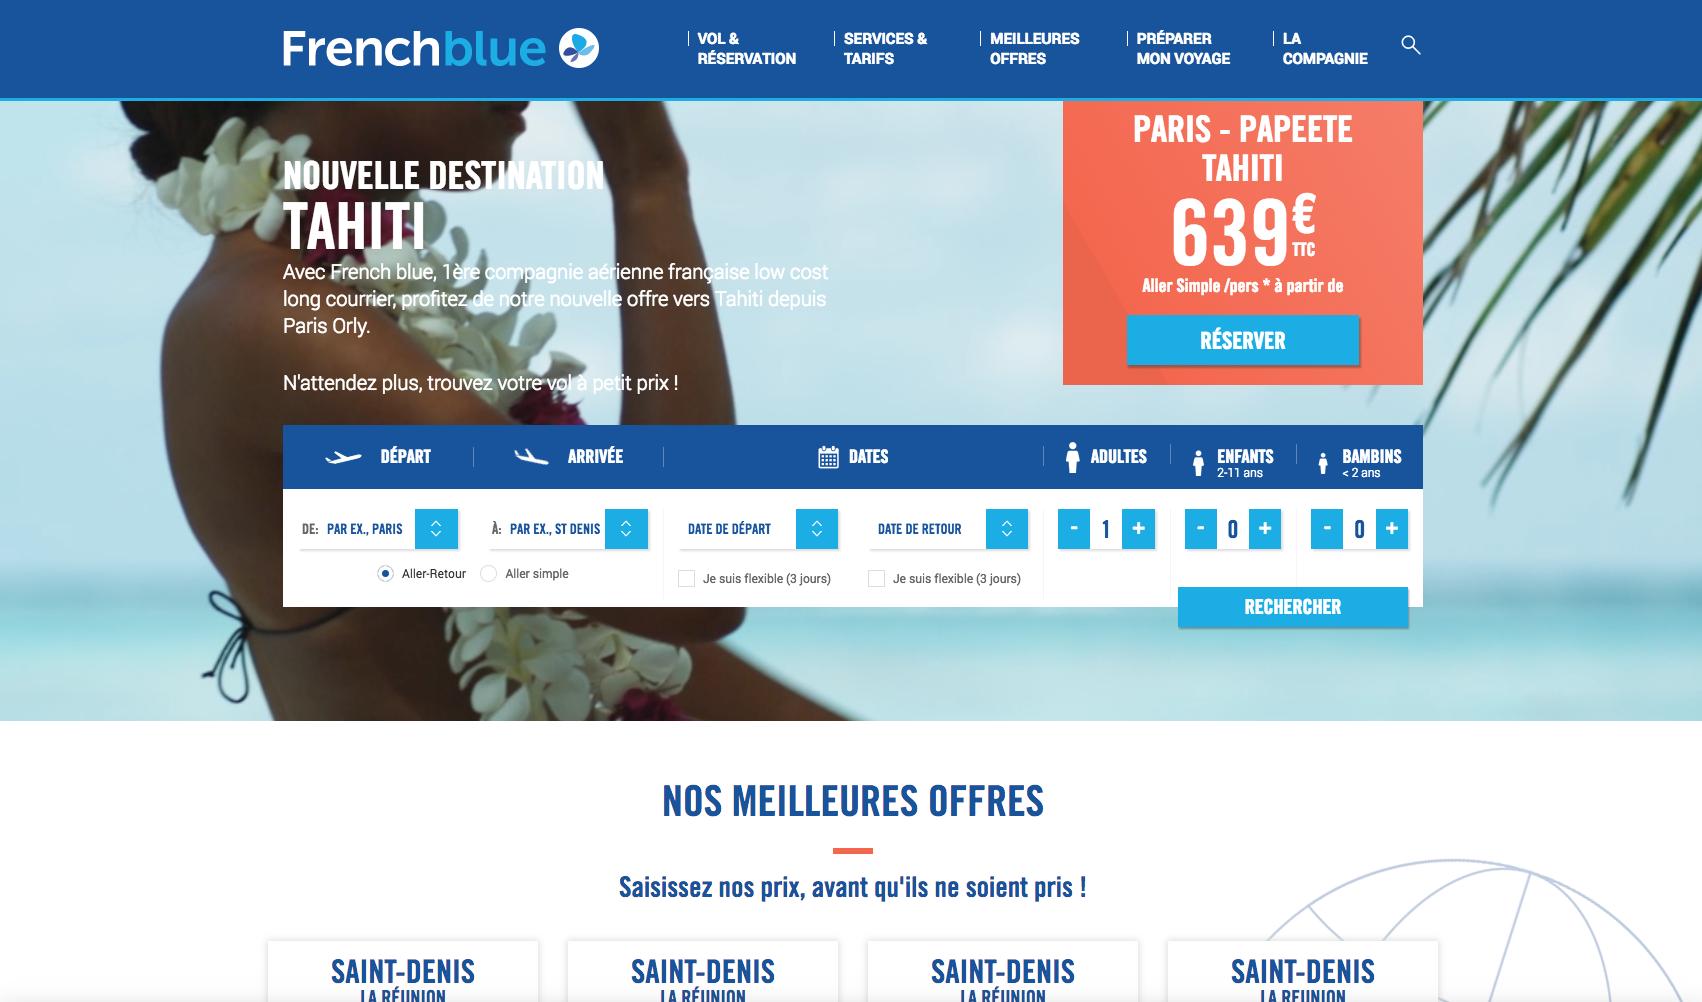 Le site de French blue consultable uniquement hors Polynésie (pour le moment)